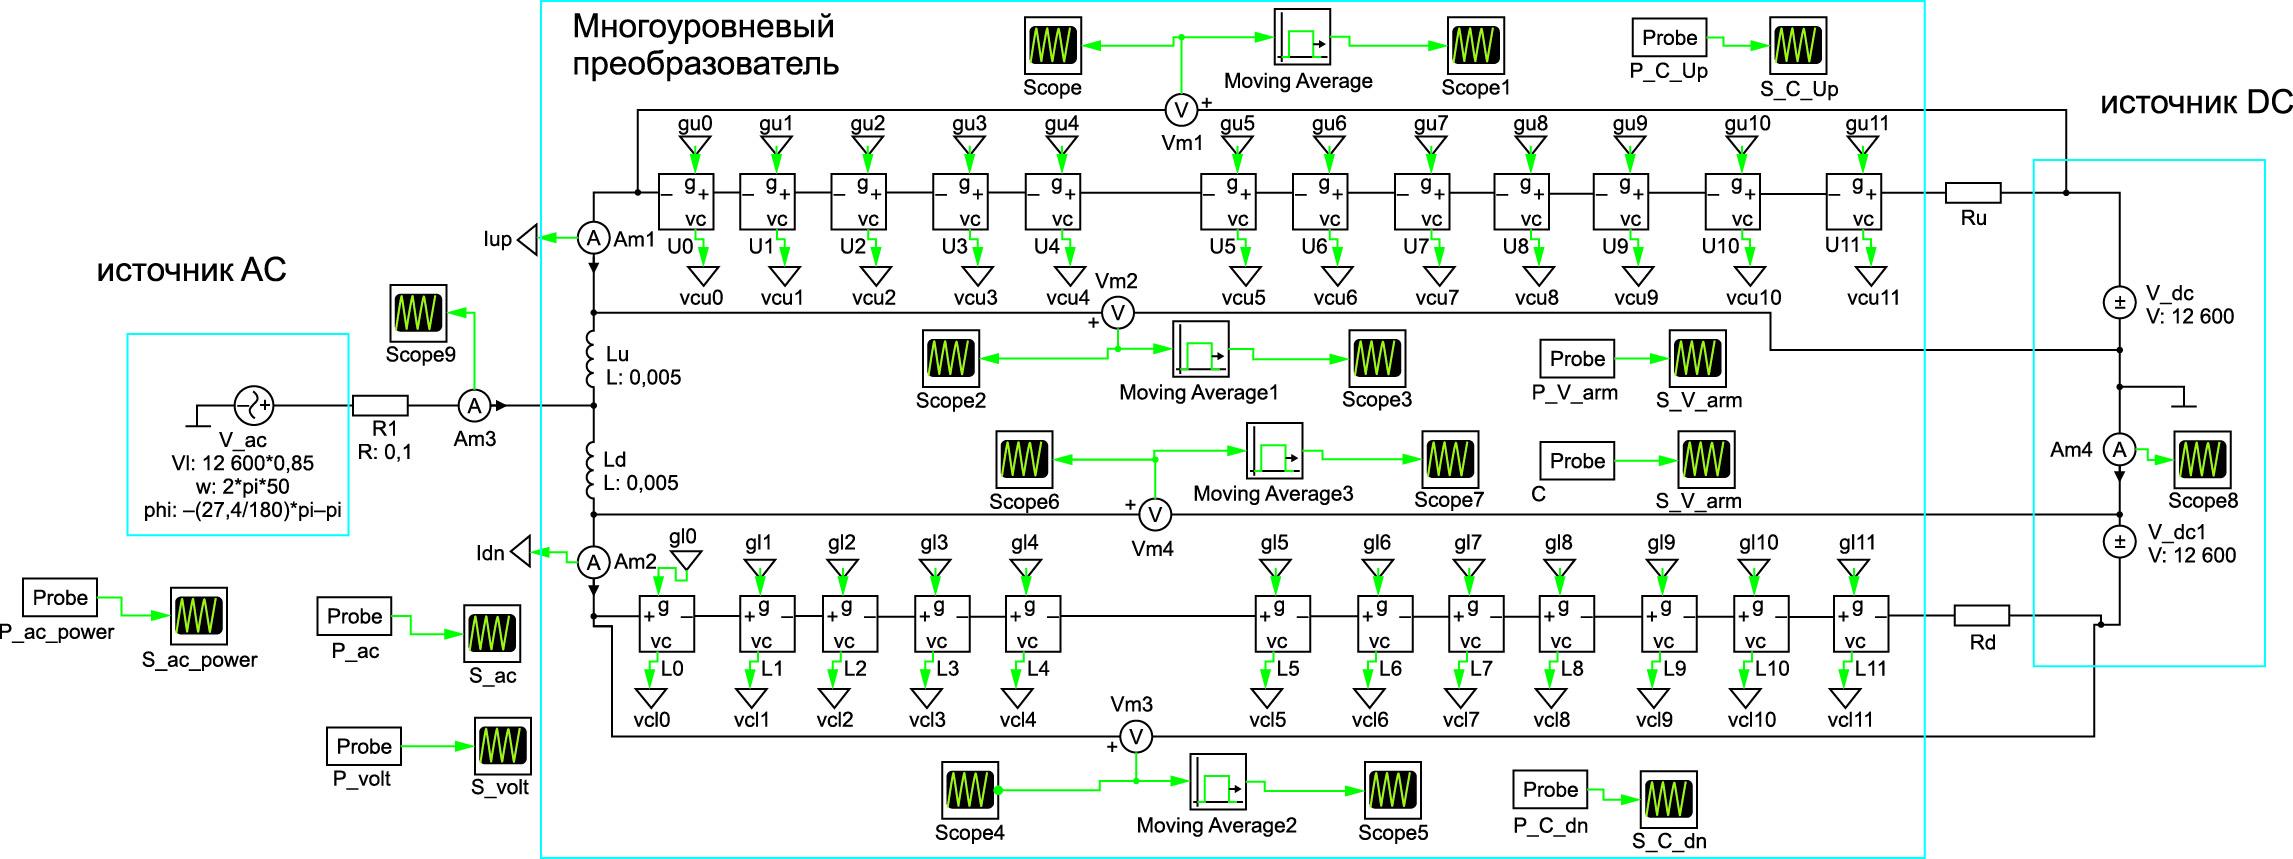 Модель одной фазы MMC-преобразователя в программе PLECS